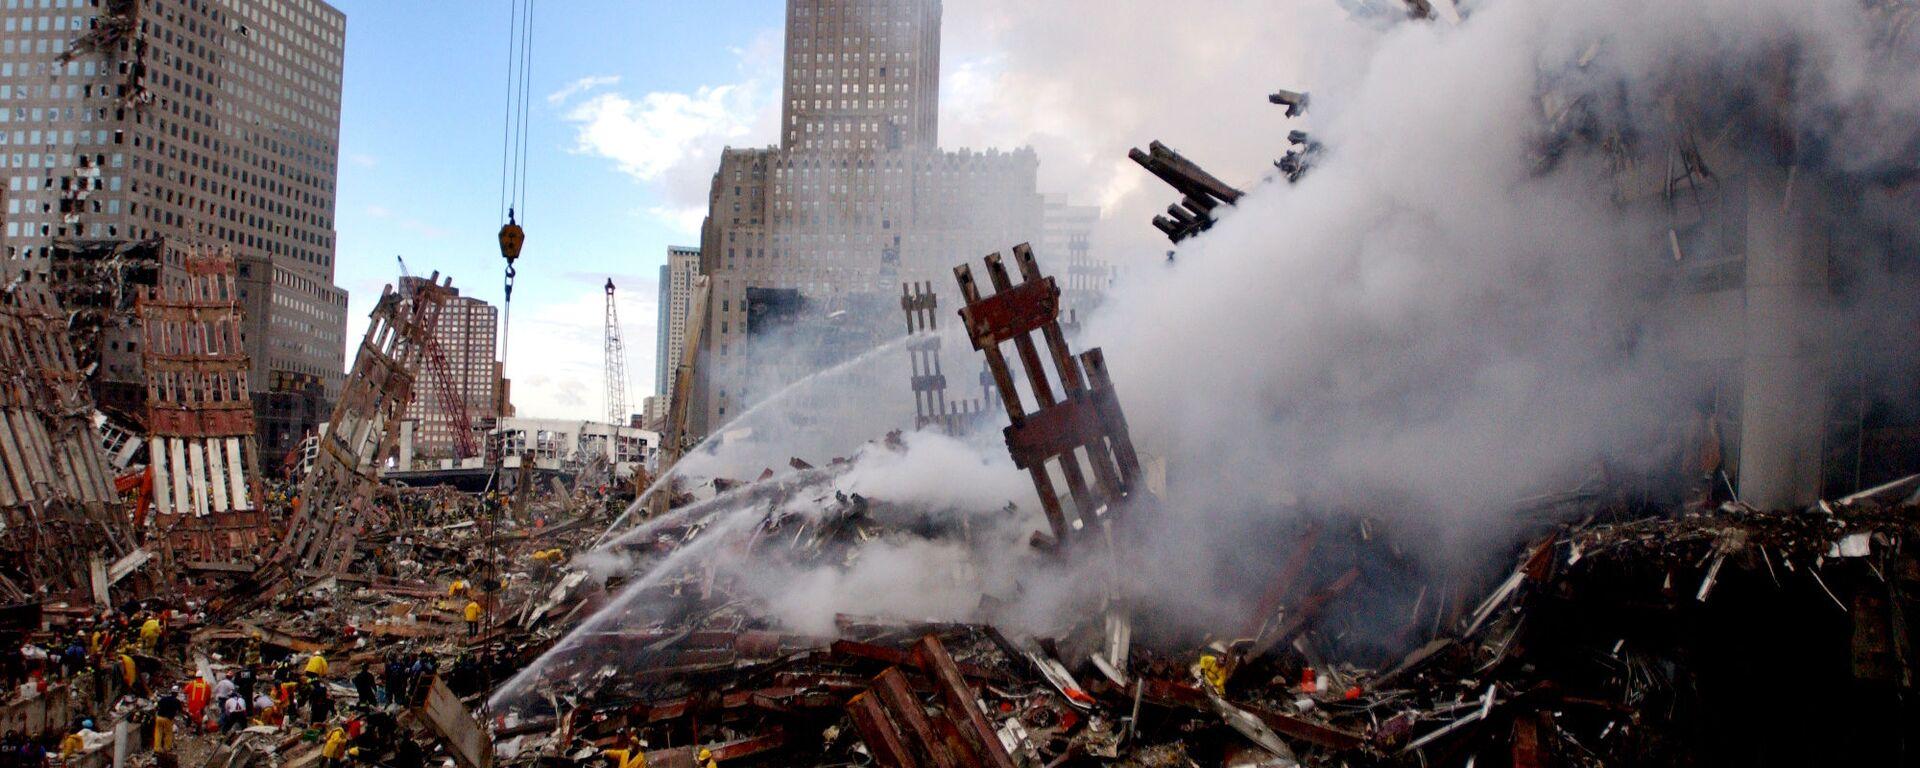 Gaszenie pożaru w miejscu zaatakowanego World Trade Center 11 września w Nowym Jorku - Sputnik Polska, 1920, 09.09.2021